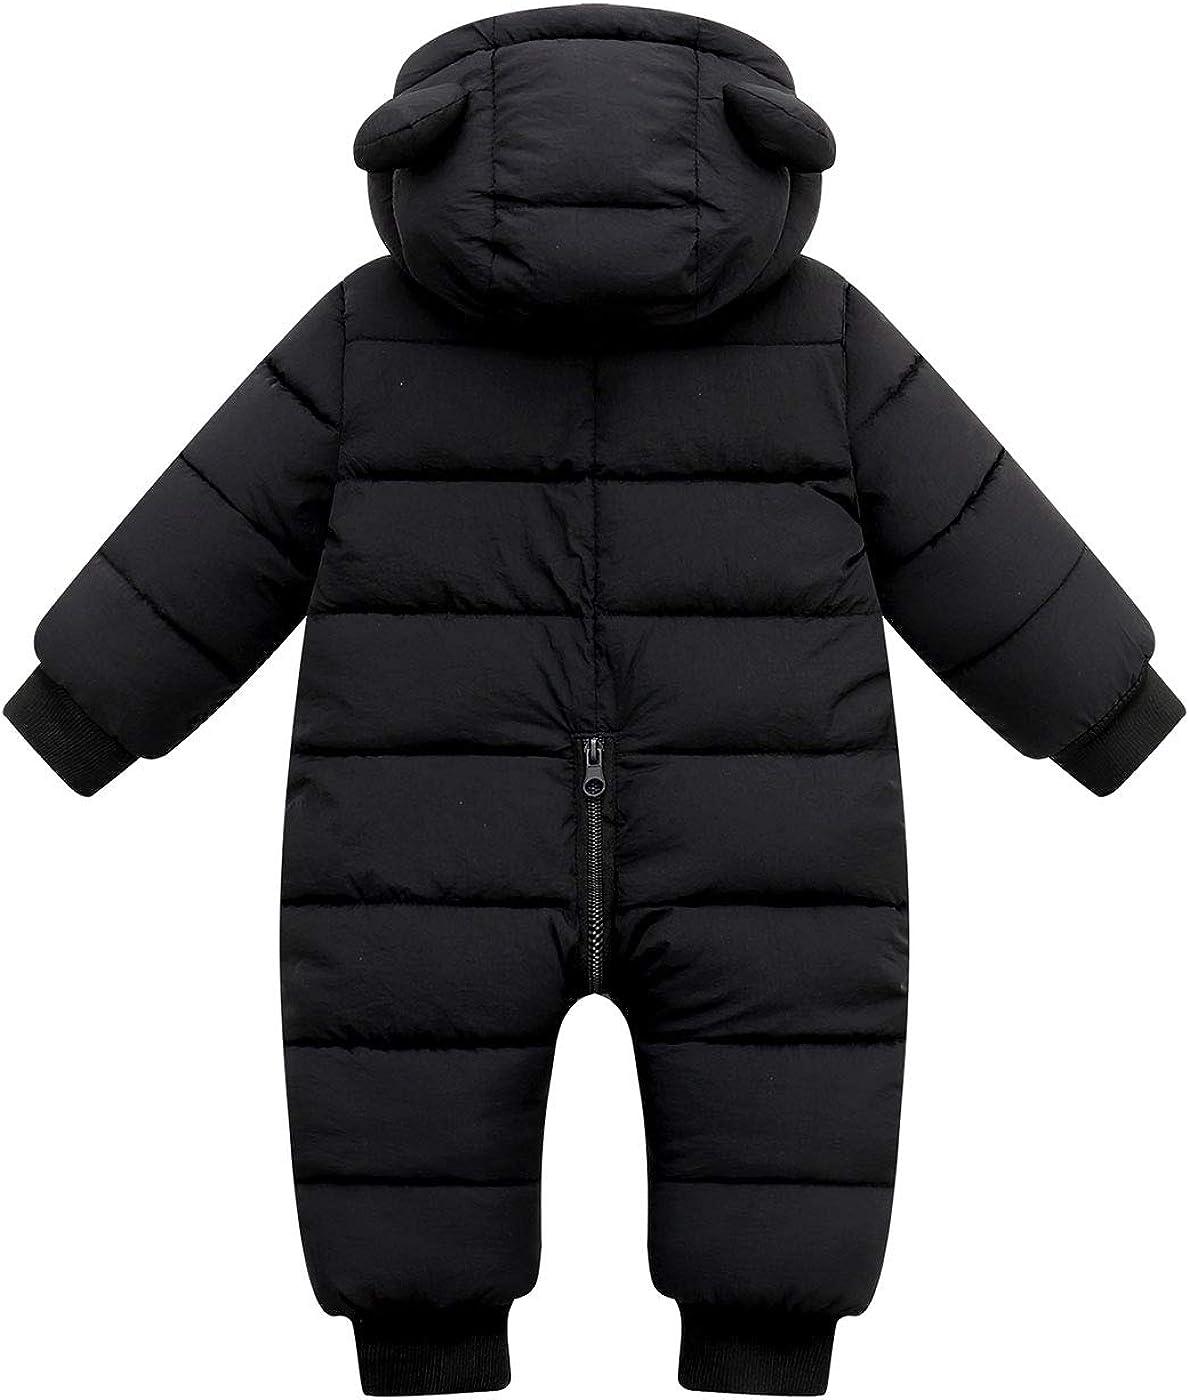 con cappuccio AUBIG Pigiama invernale per bambini per bambini da 0 a 12 mesi